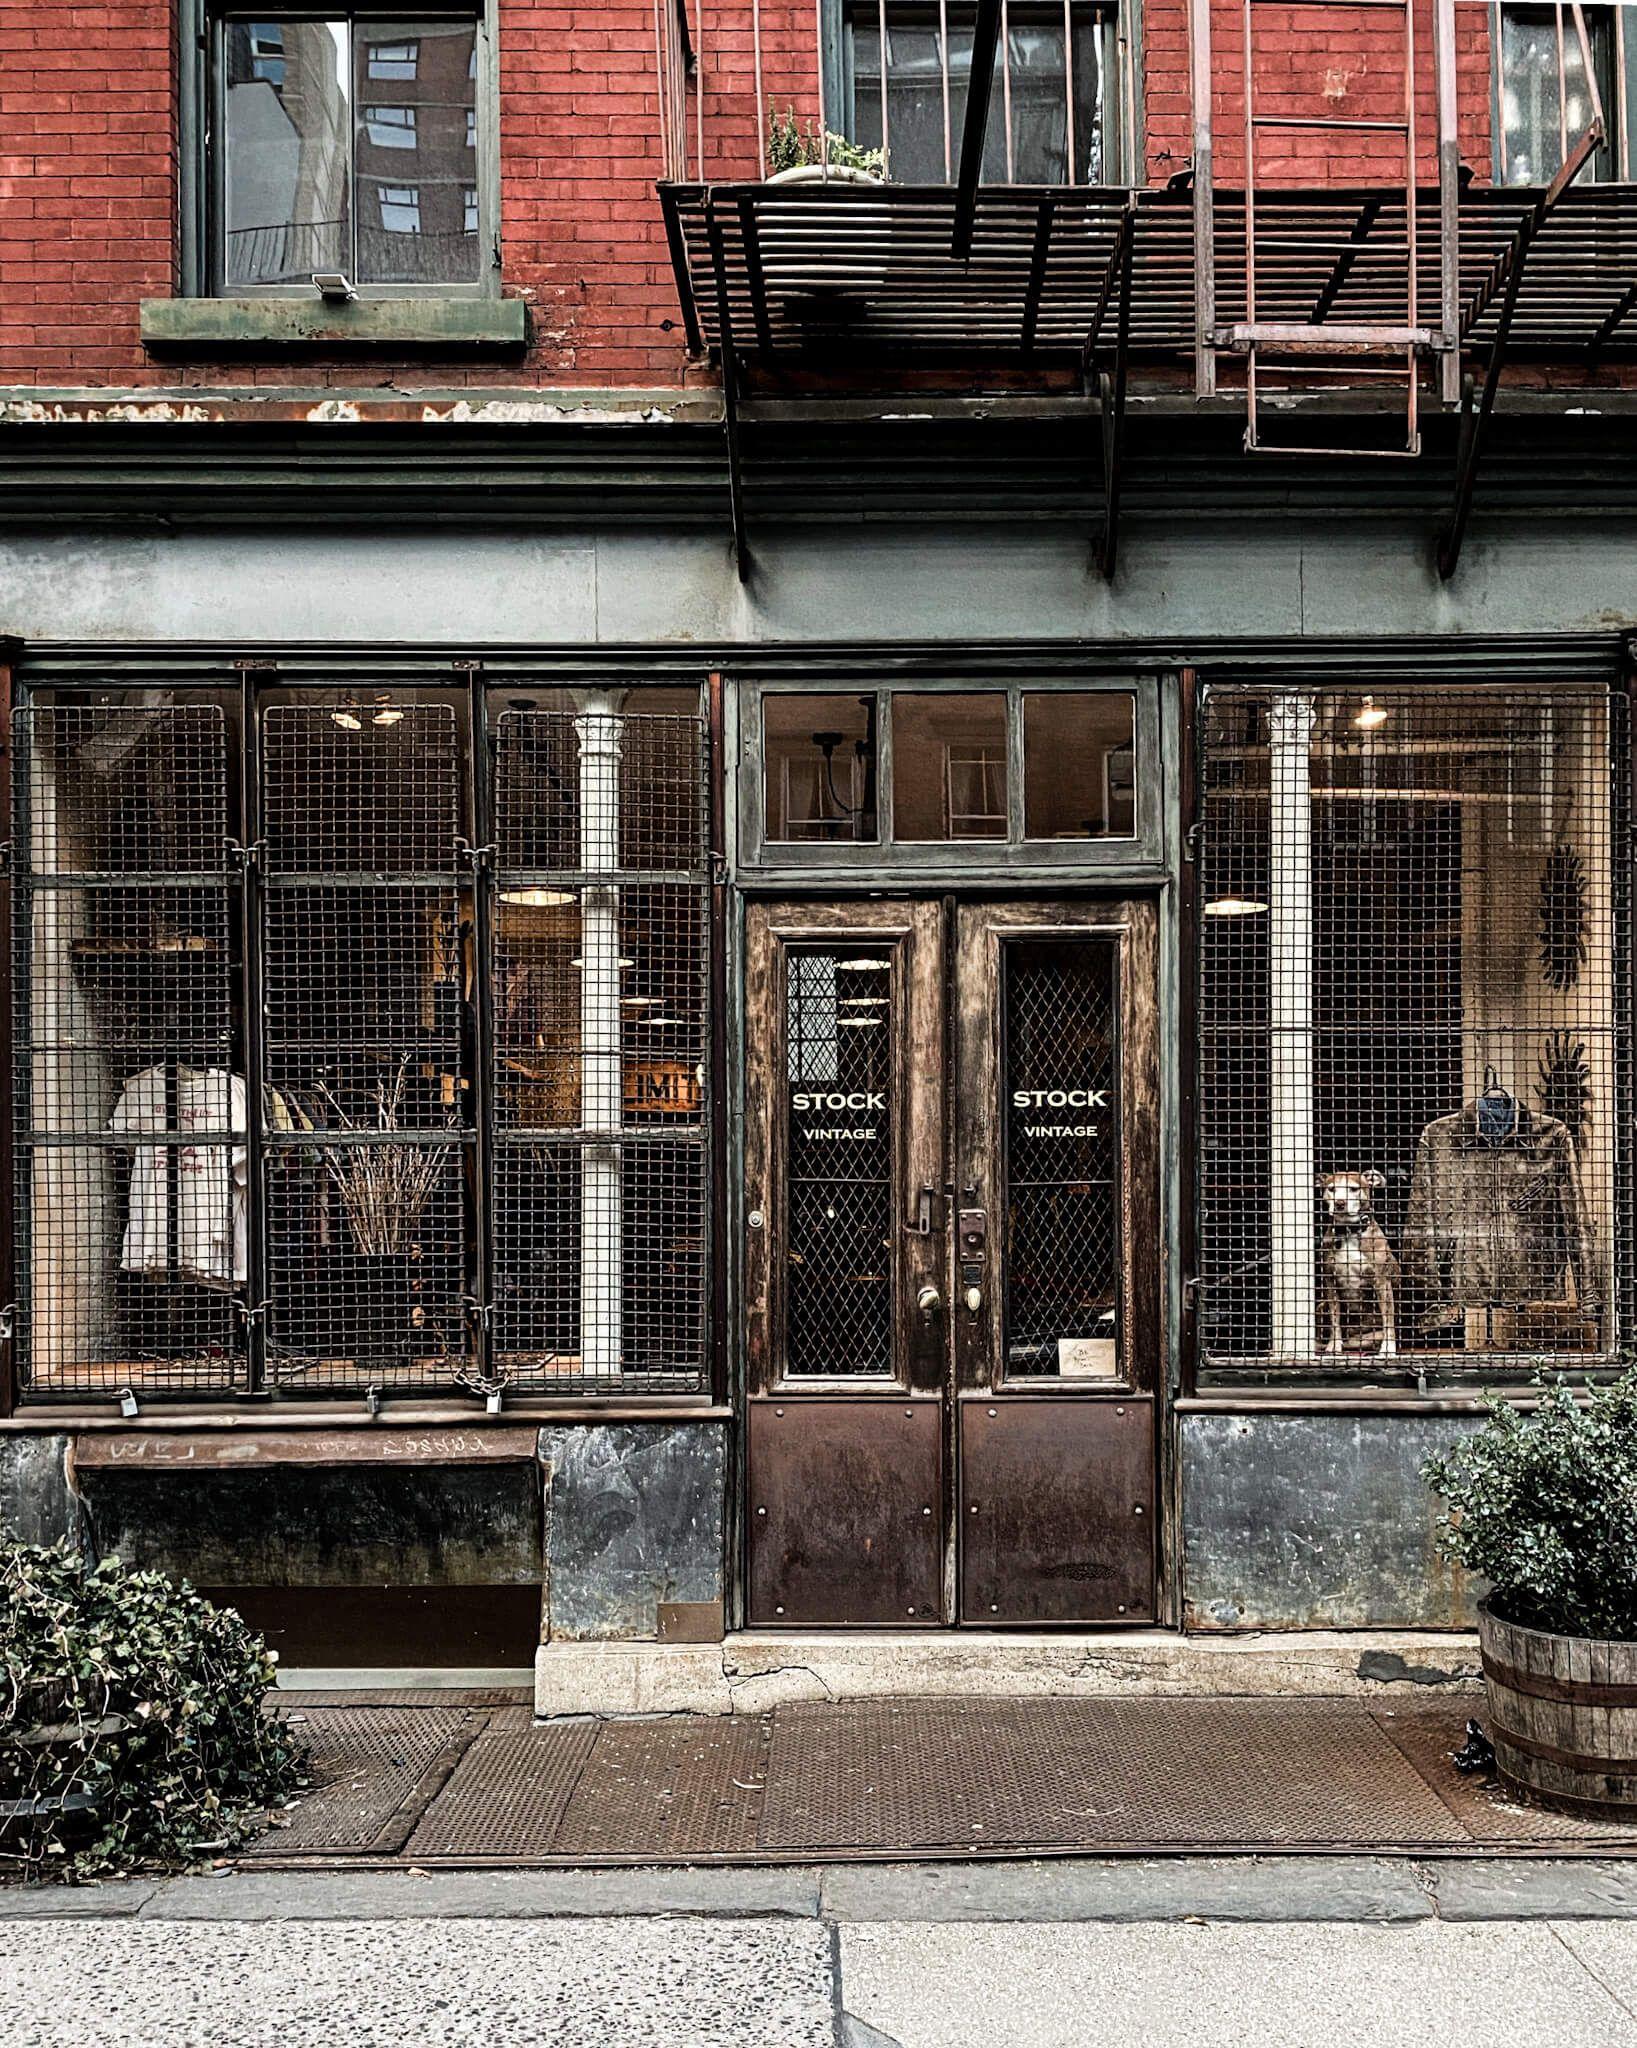 Stock Vintage East Village Ny In 2020 East Village Vintage Men Vintage Shops